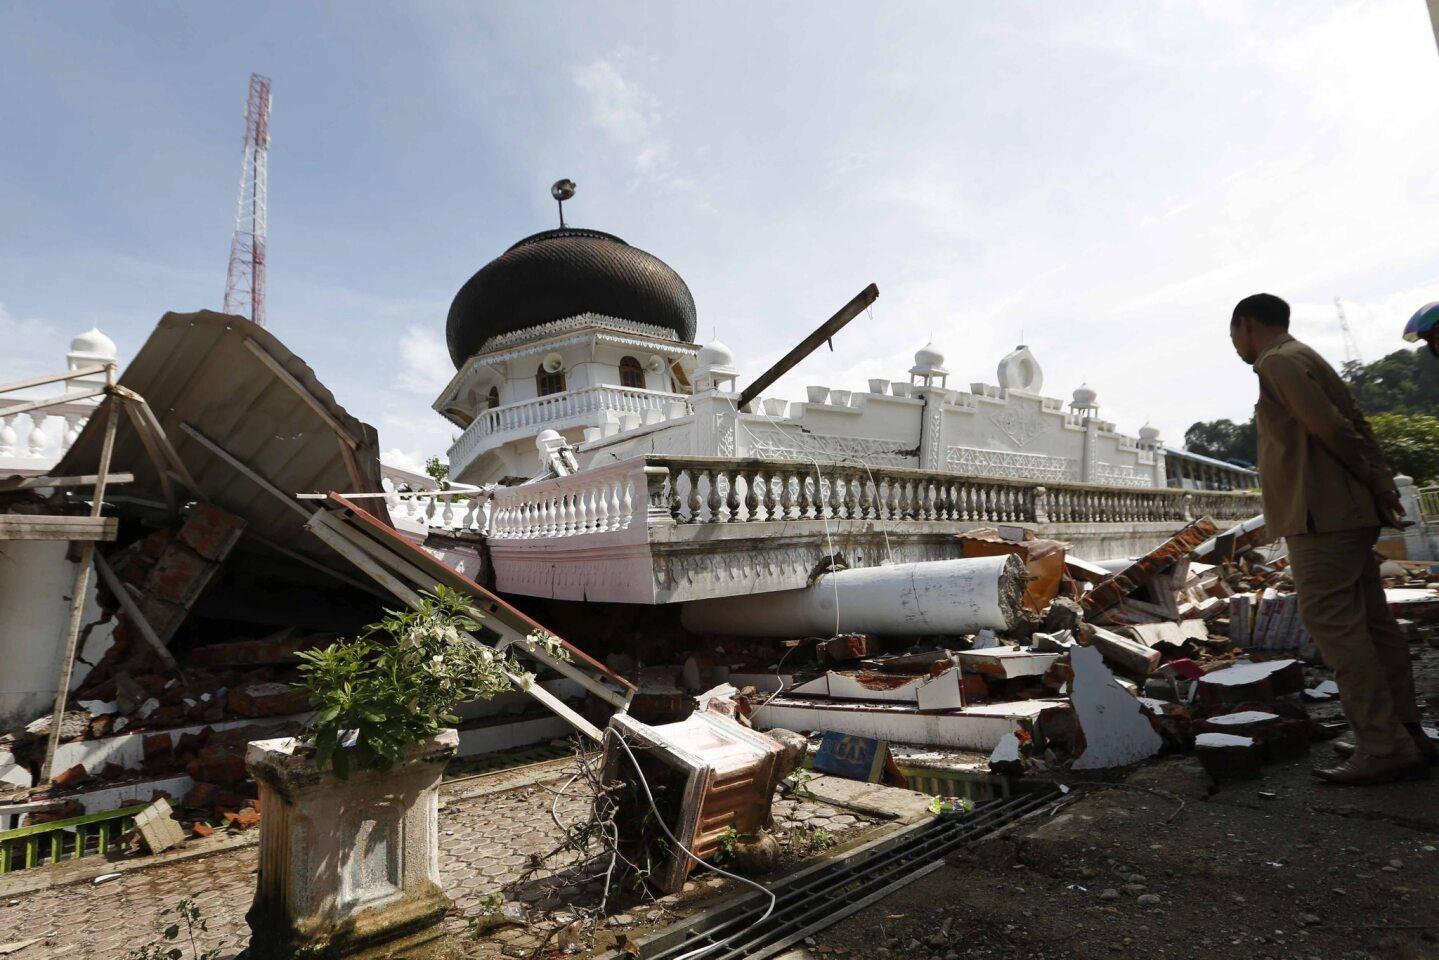 Un ciudadano indonesio inspecciona una mezquita destruída tras el terremoto de 6.5 grados. El Servicio Geológico de Estados Unidos señaló que el sismo de magnitud 6.5 ocurrió a las 5:03 a.m. locales y tuvo su epicentro a unos 19 kilómetros (12 millas) al norte de Reuleut, un poblado en el norte de Aceh, y a una profundidad de 17 kilómetros (11 millas).